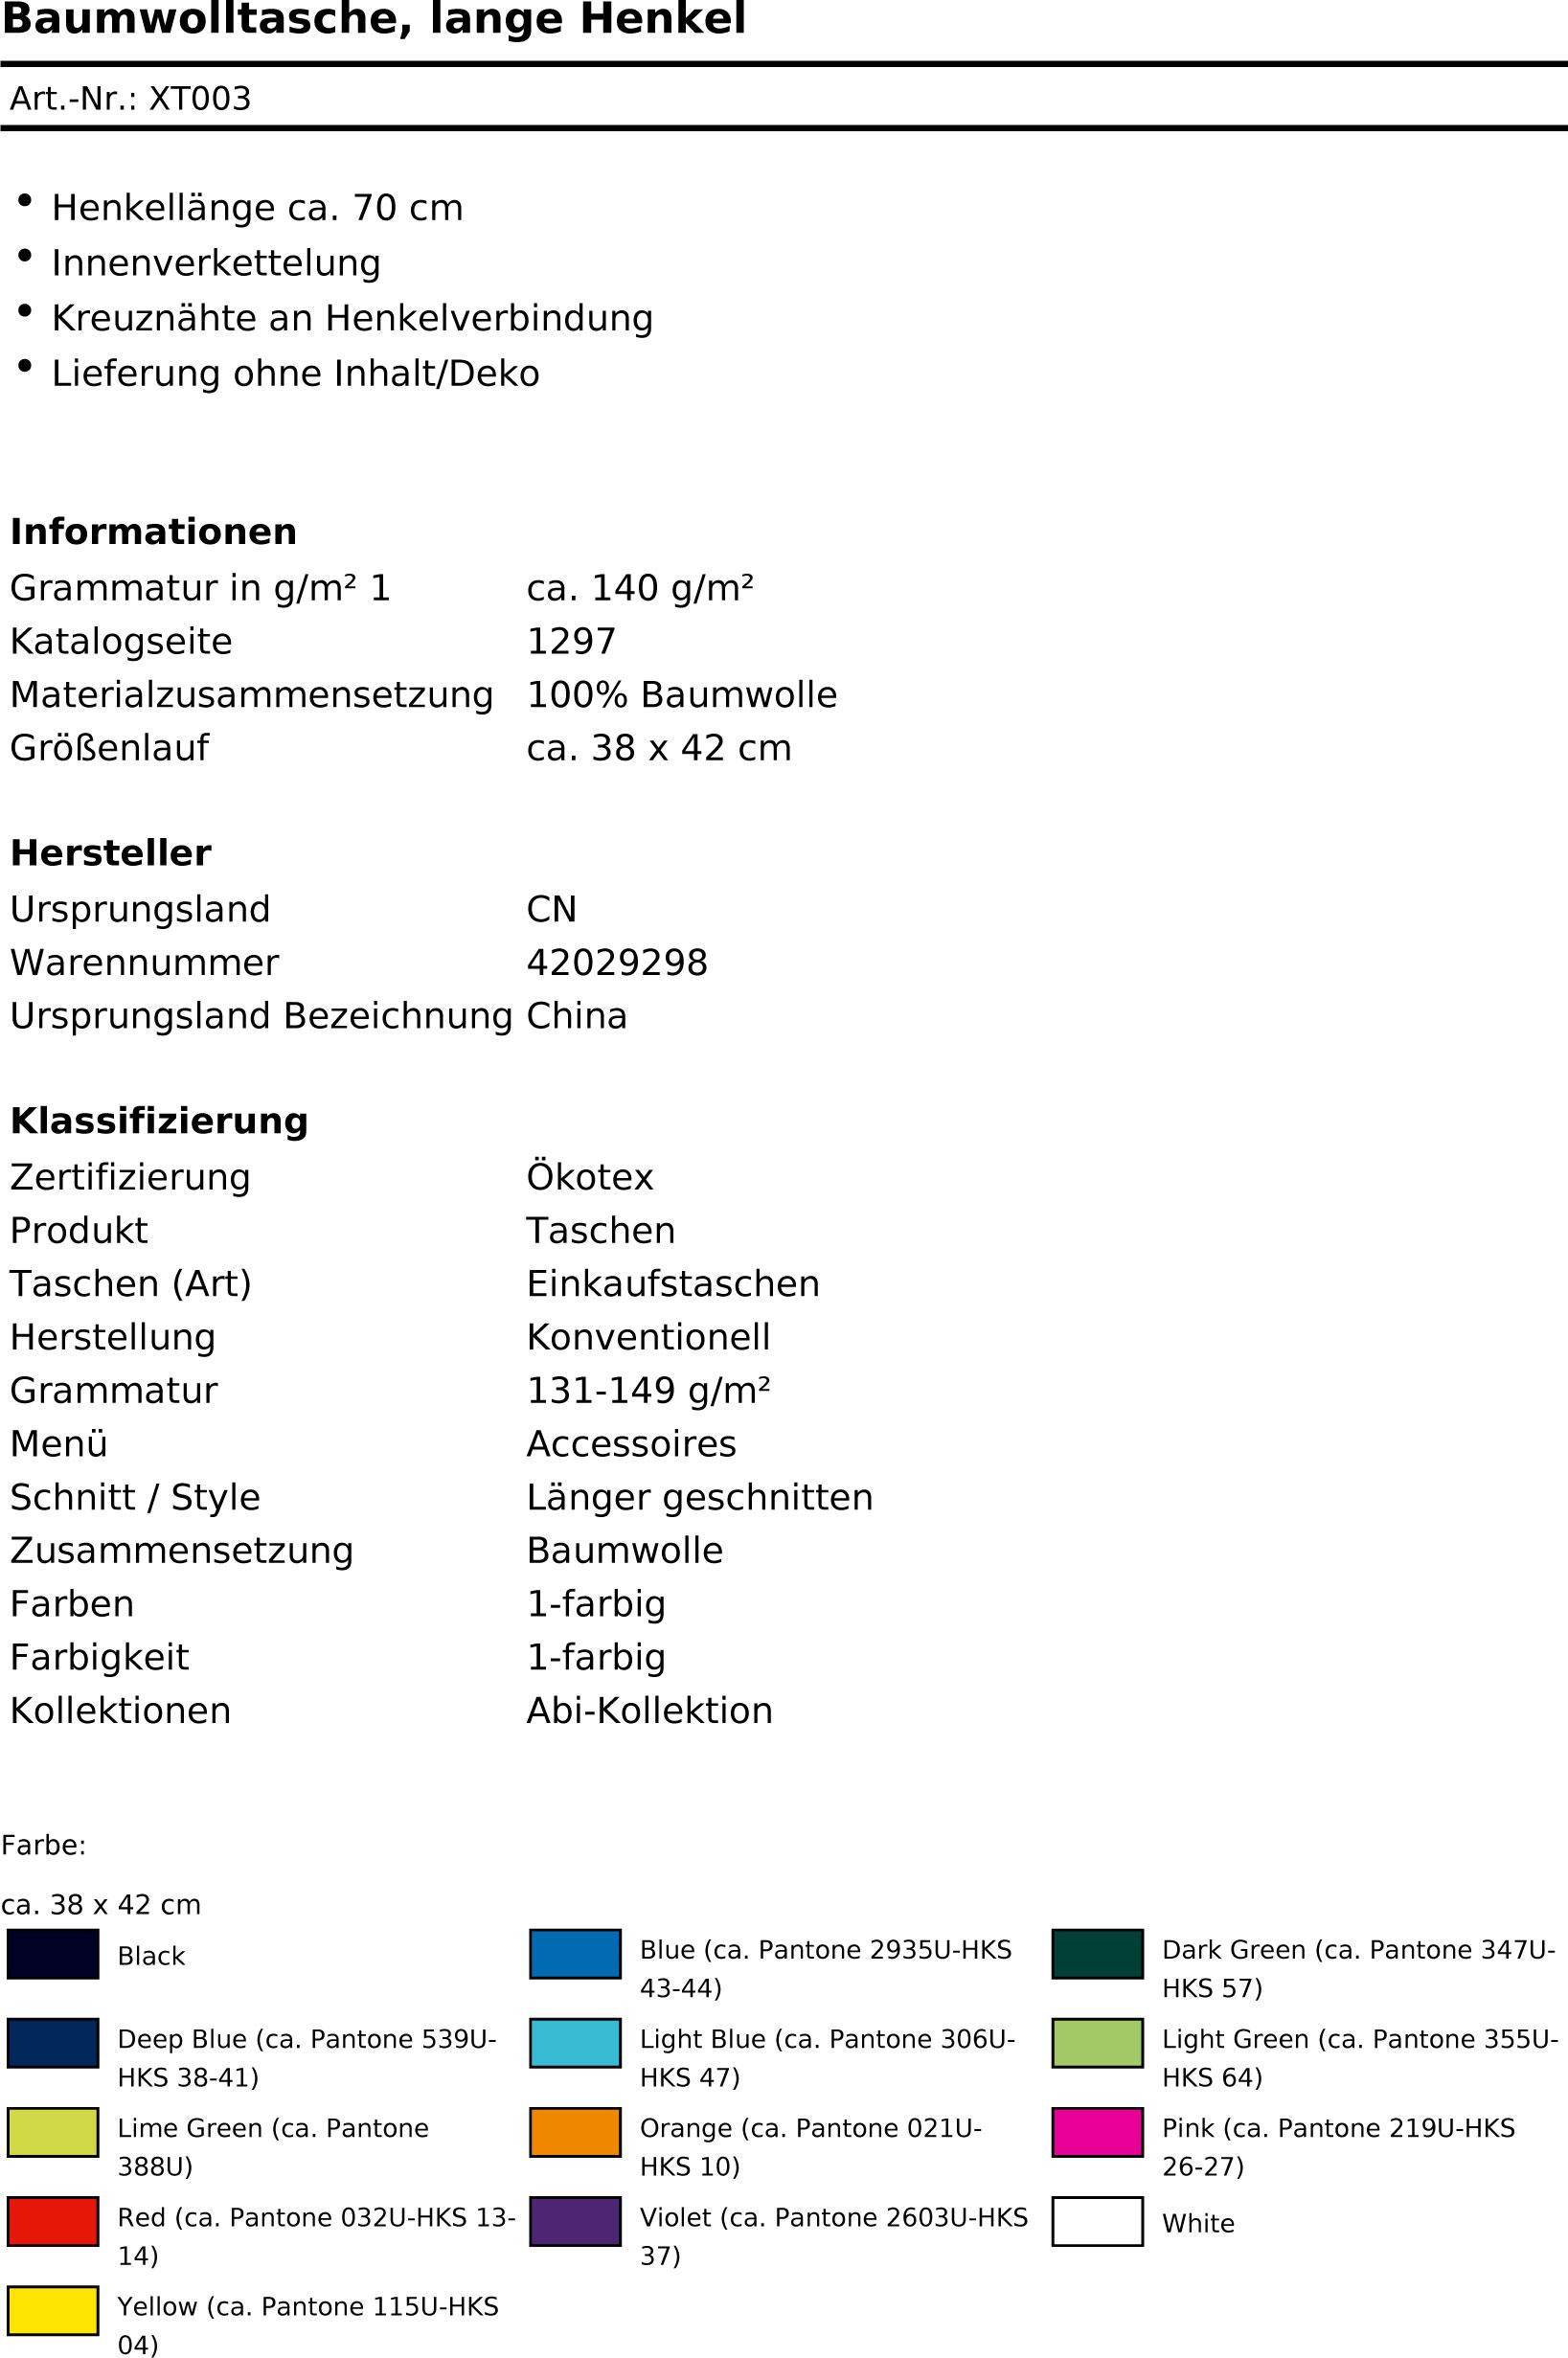 baumwolltasche-Xt003